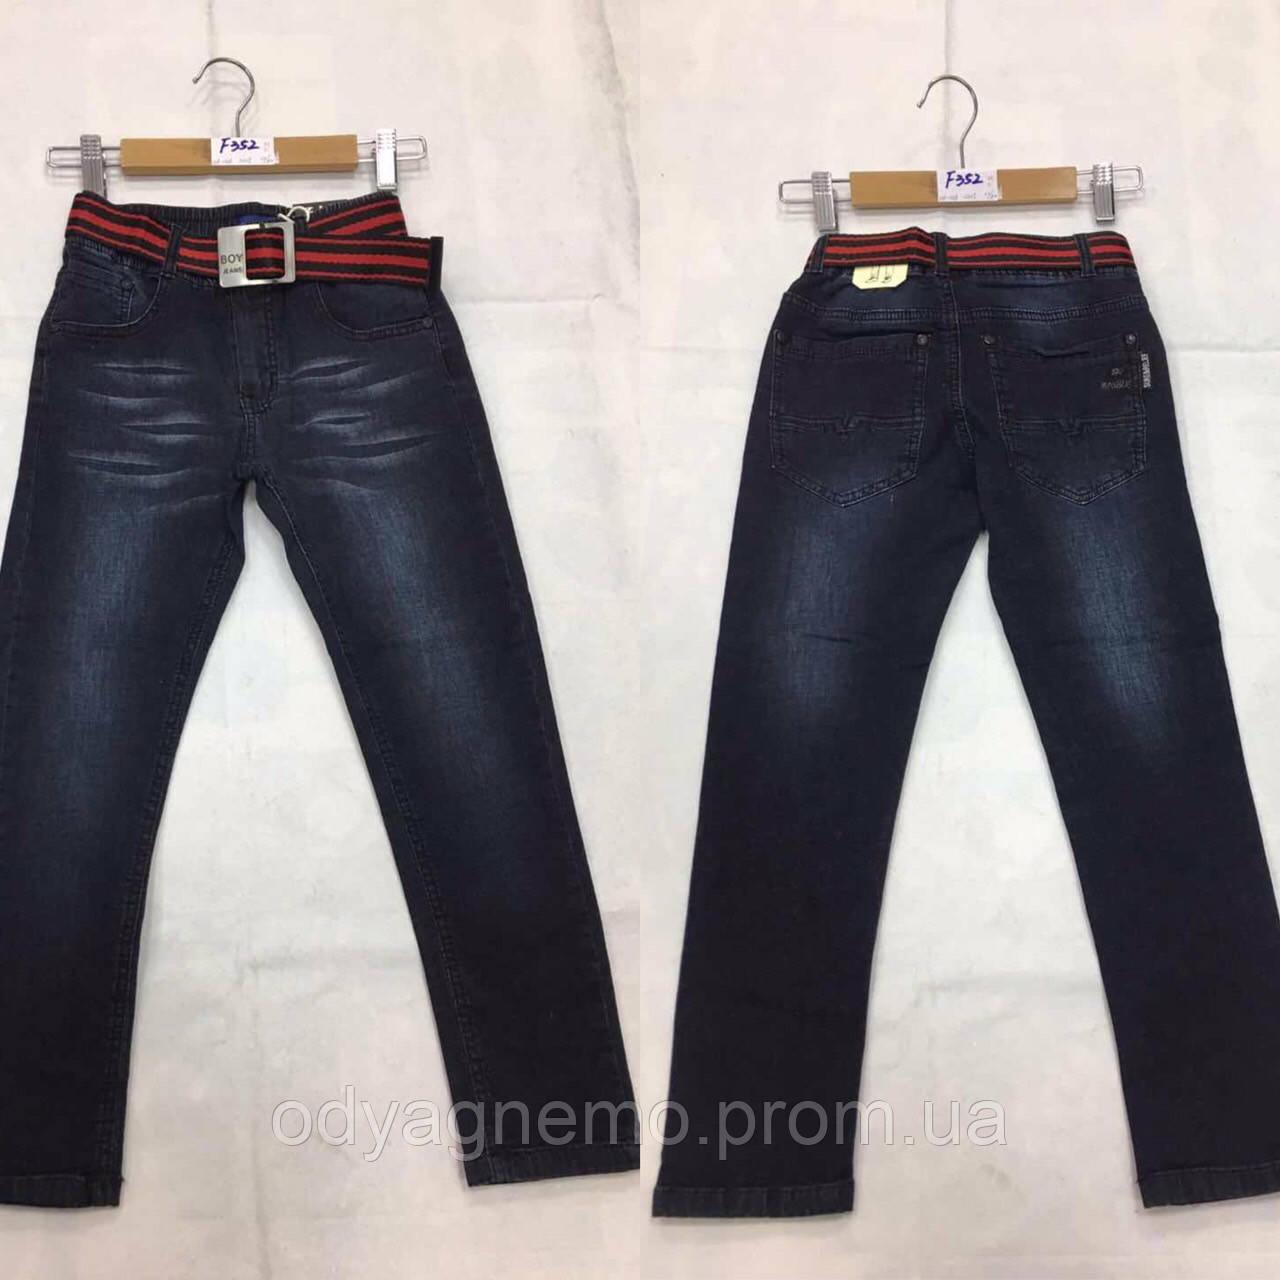 Джинсовые брюки для мальчиков F&D оптом, 116-146 рр.